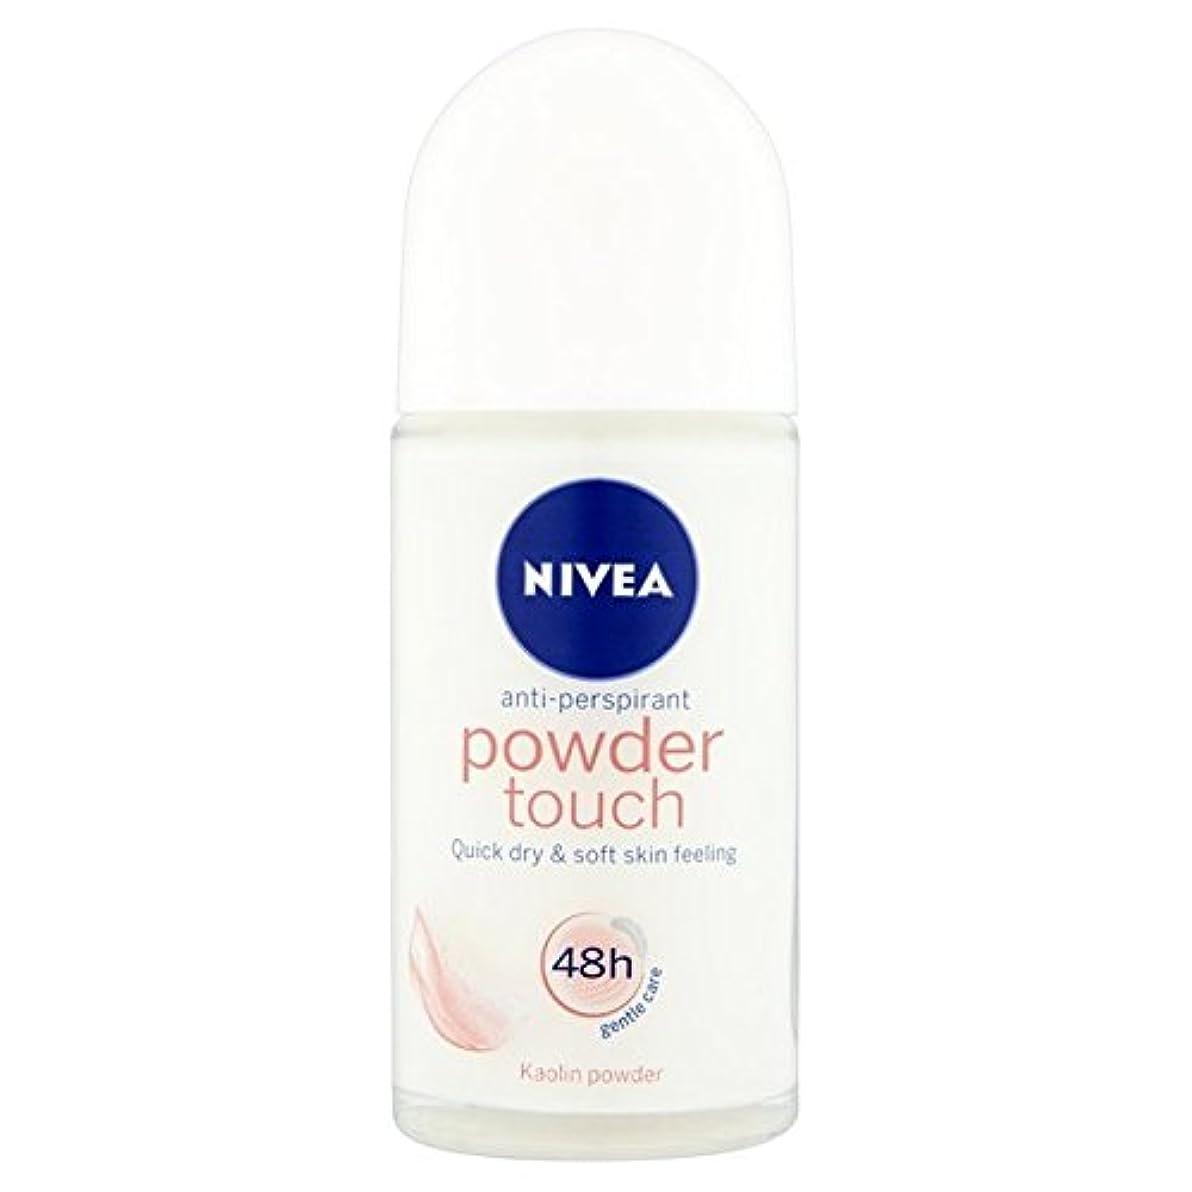 強大なマオリ低いNivea Powder Touch 48hr Roll On Anti-Perspirant Deodorant 50ml - 制汗デオドラント50ミリリットルのニベアパウダータッチ48時間ロール [並行輸入品]